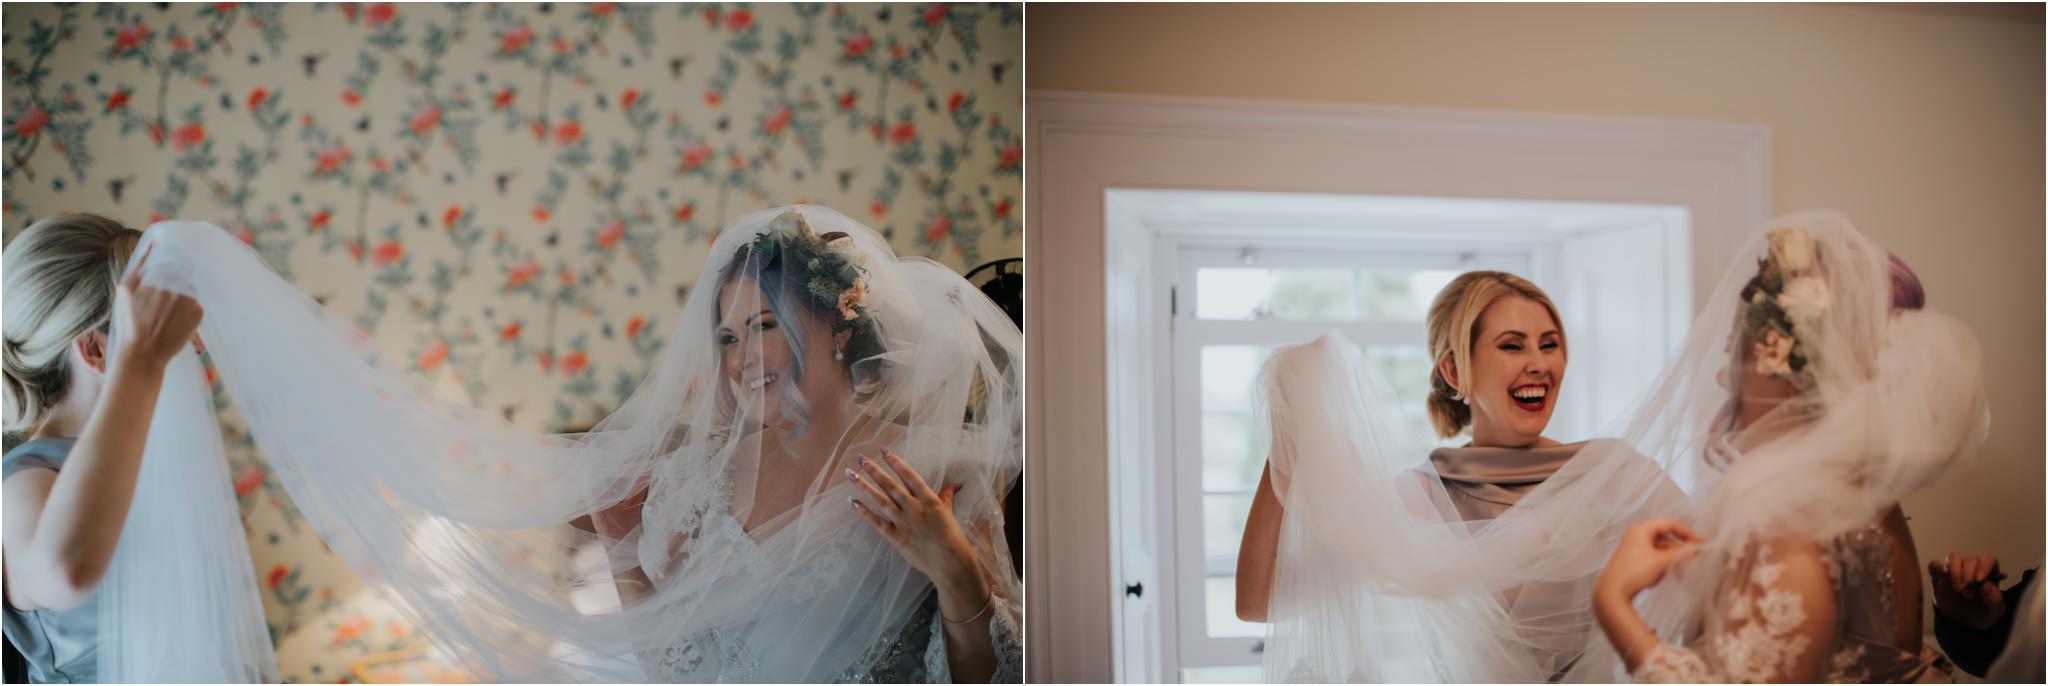 Photography 78 - Glasgow Wedding Photographer - Pete & Eilidh - Dalduff Farm_0026.jpg